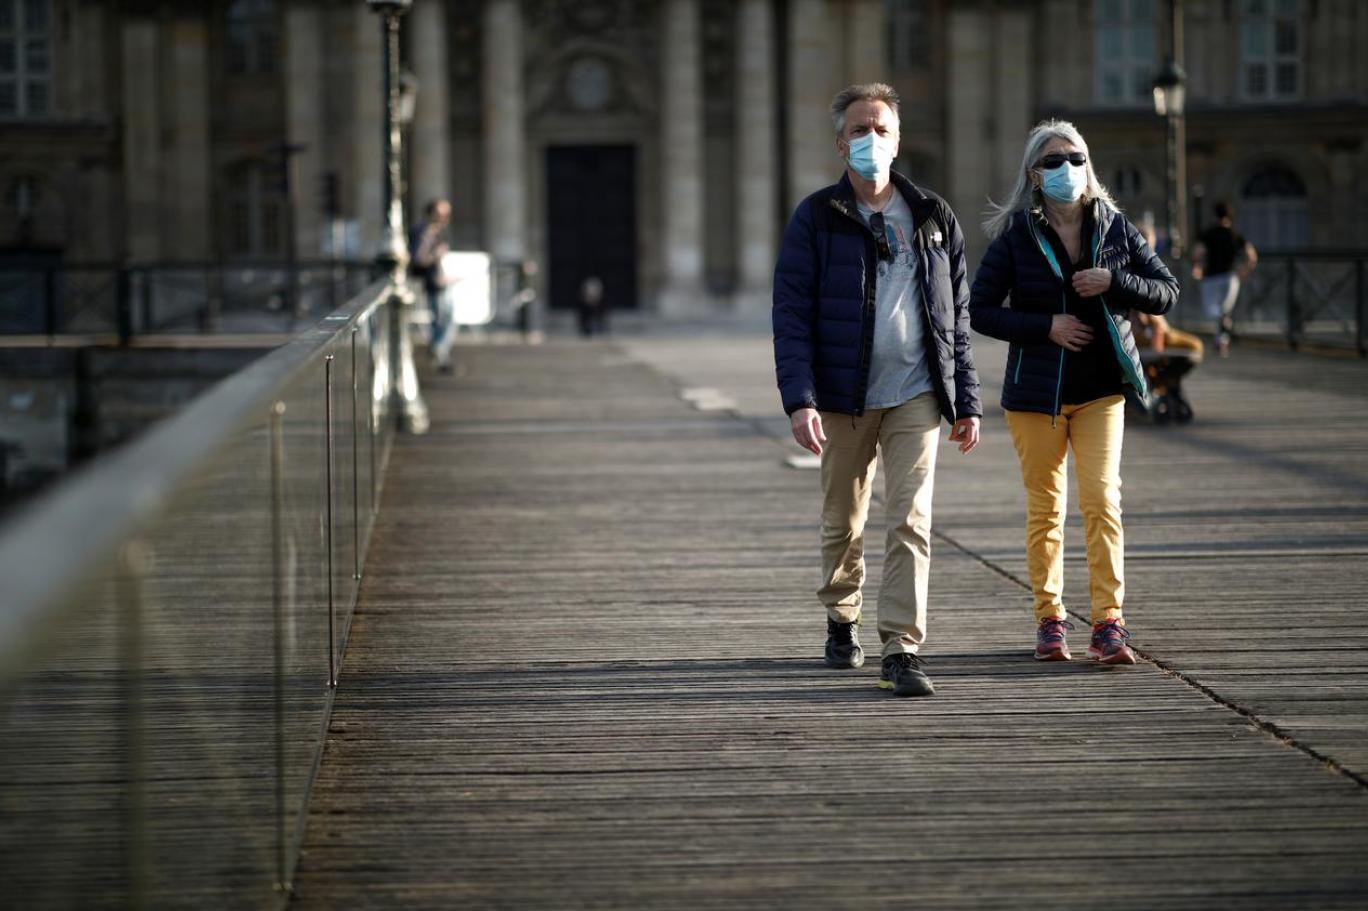 Fransa'da son 24 saatte korona virüsten 284 ölüm